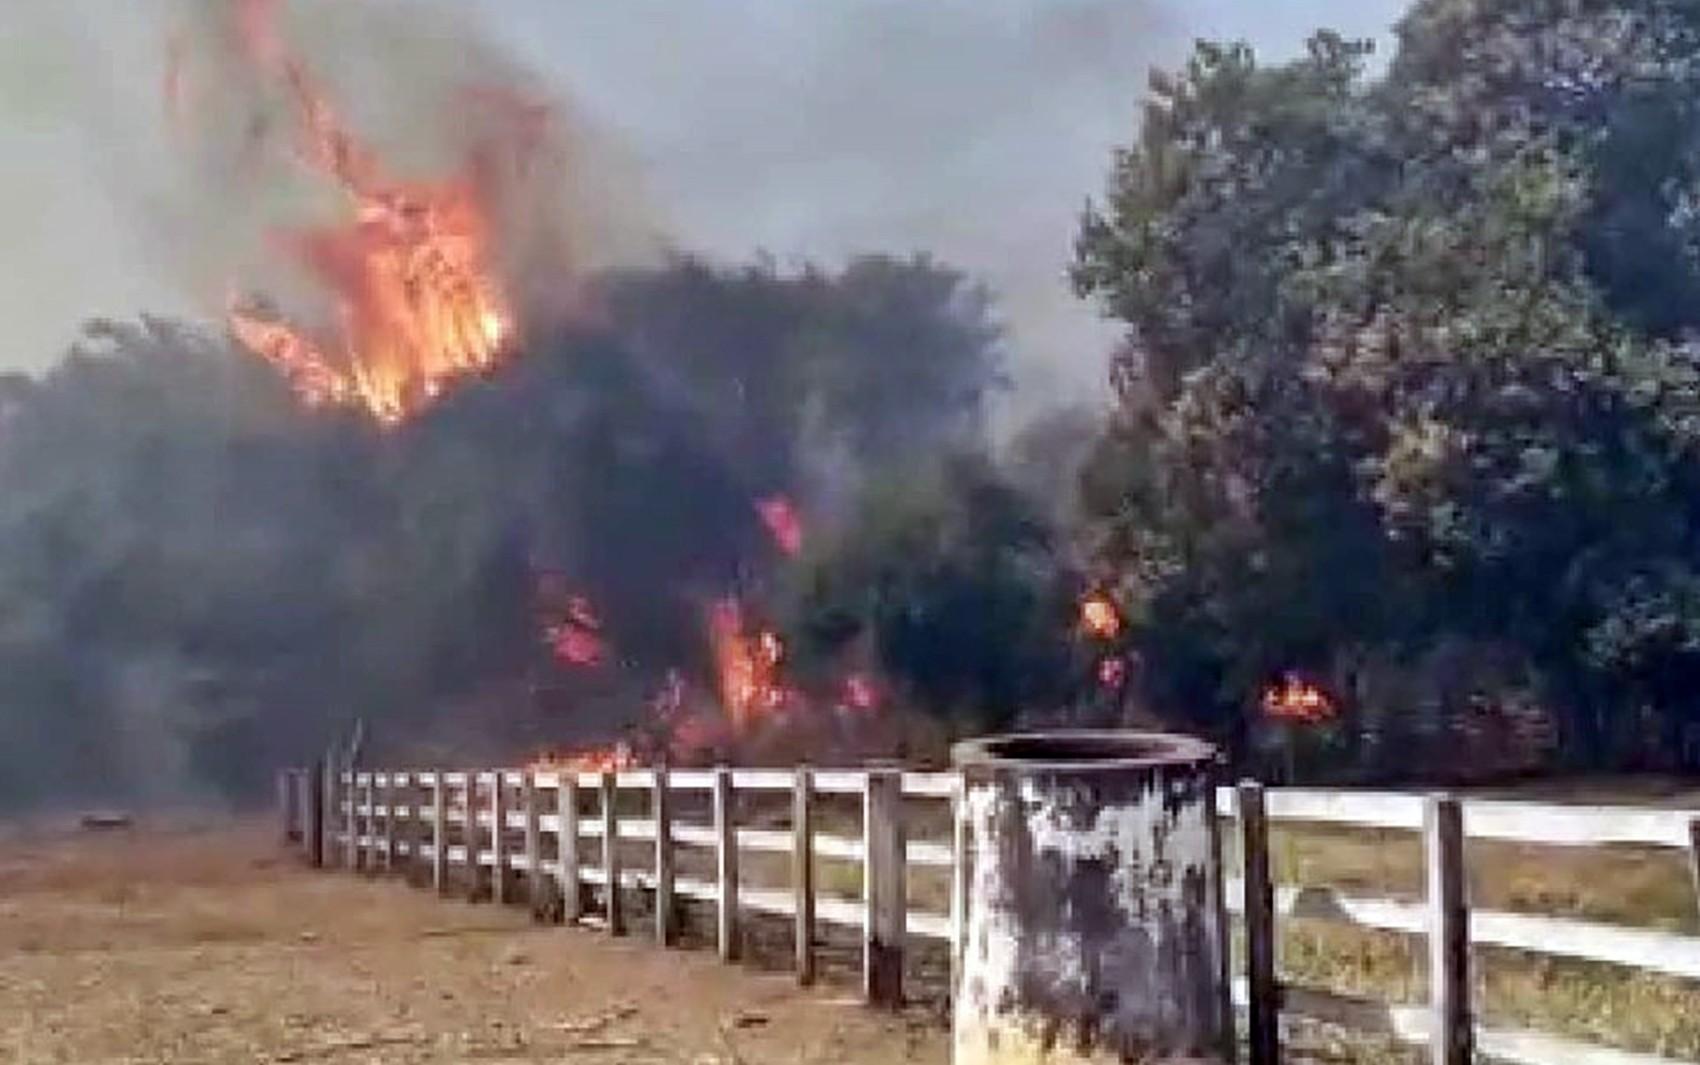 Incêndio destrói 70 hectares na zona rural de Guaranésia, MG - Notícias - Plantão Diário